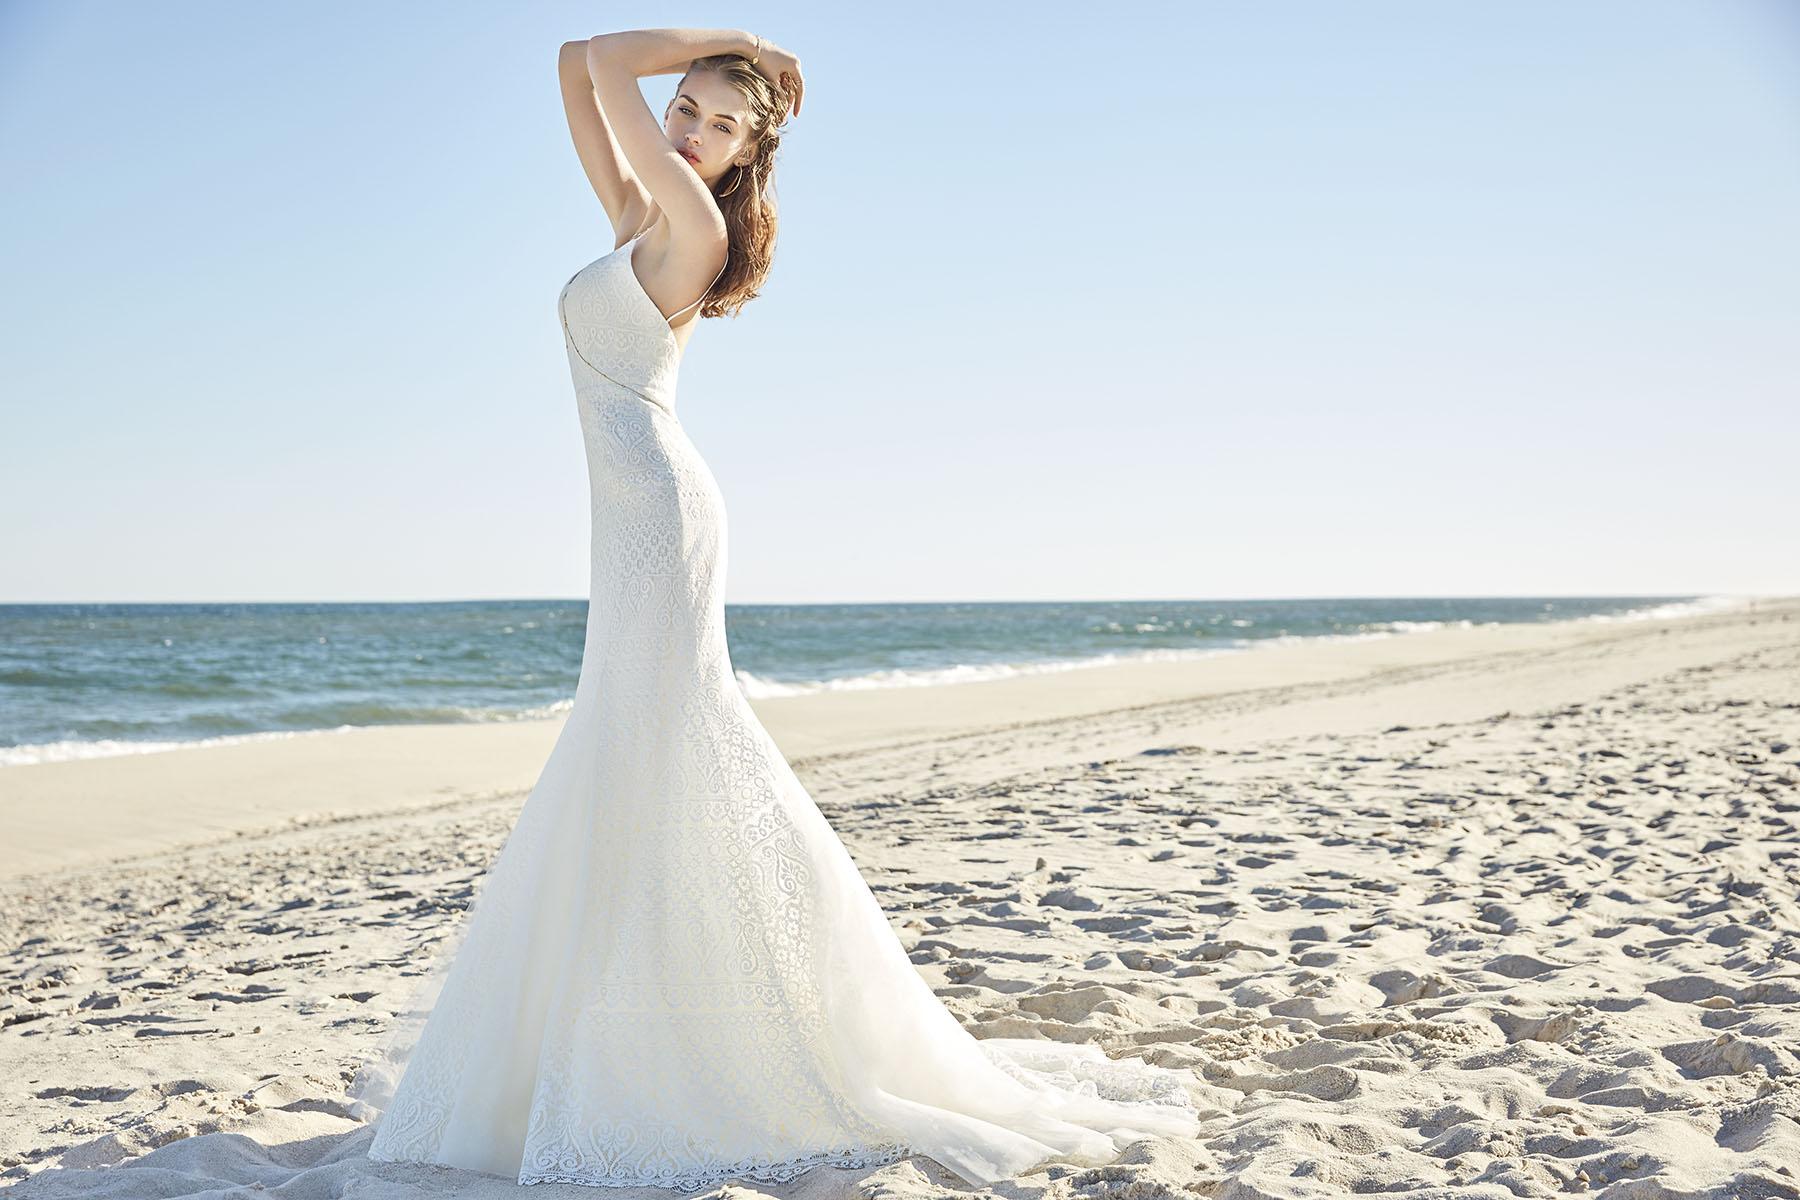 5f912fb3cf Lágy homok és kékellő tenger: menyasszonyi ruhák, melyekkel ...